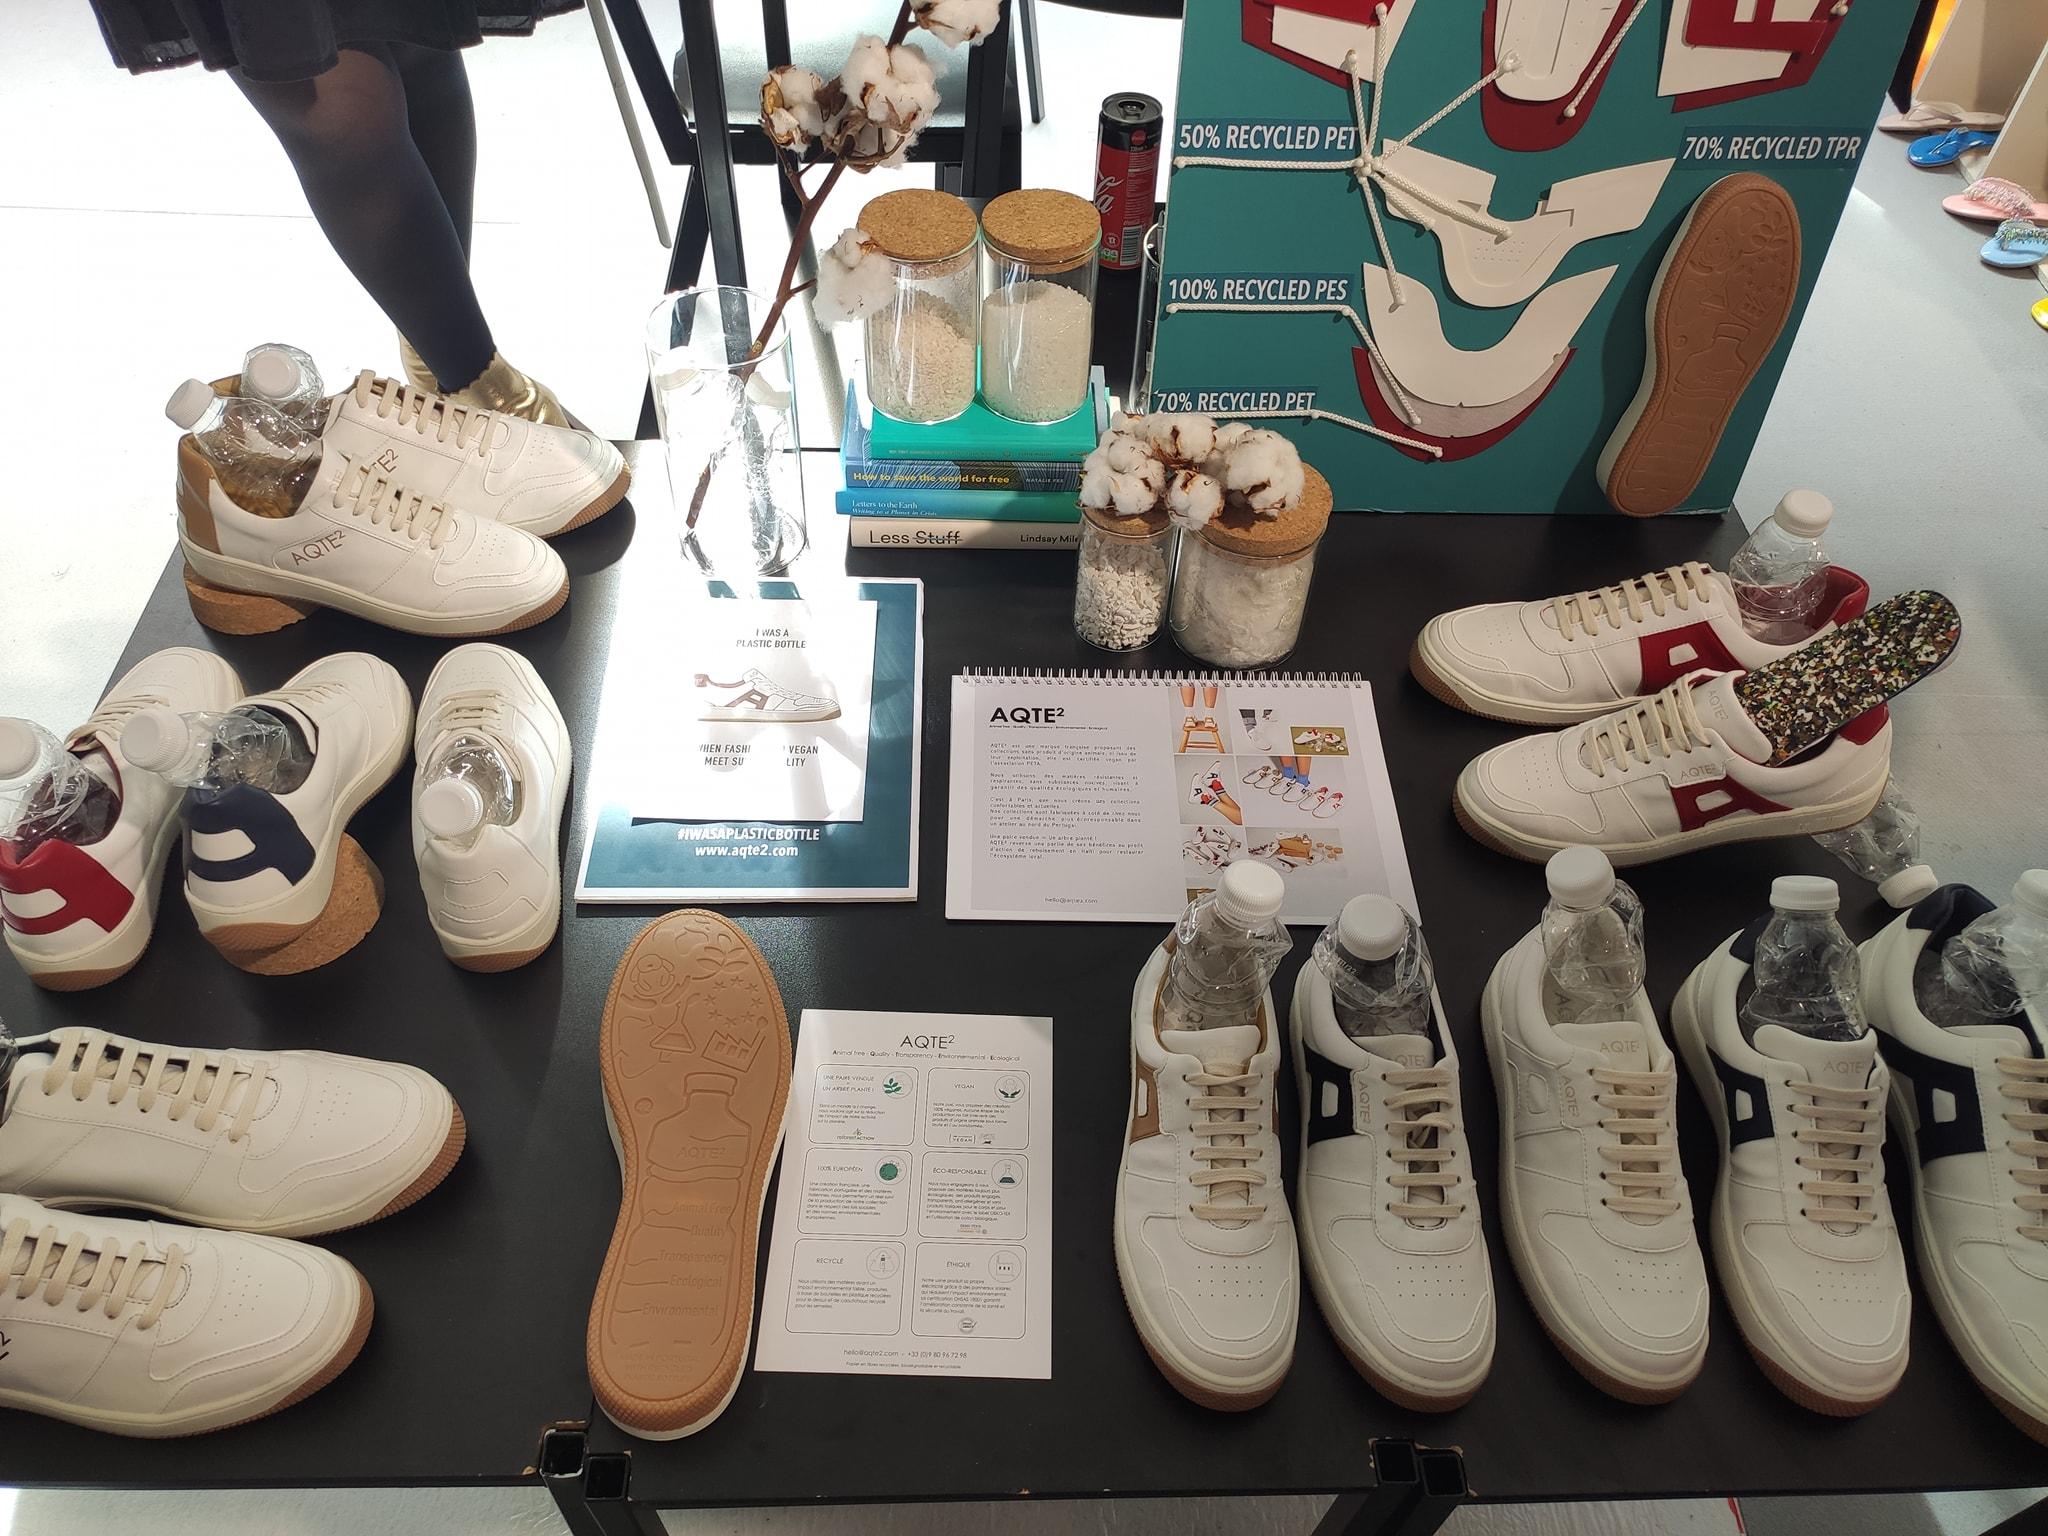 Aqte2 - Chaussures en microfibre